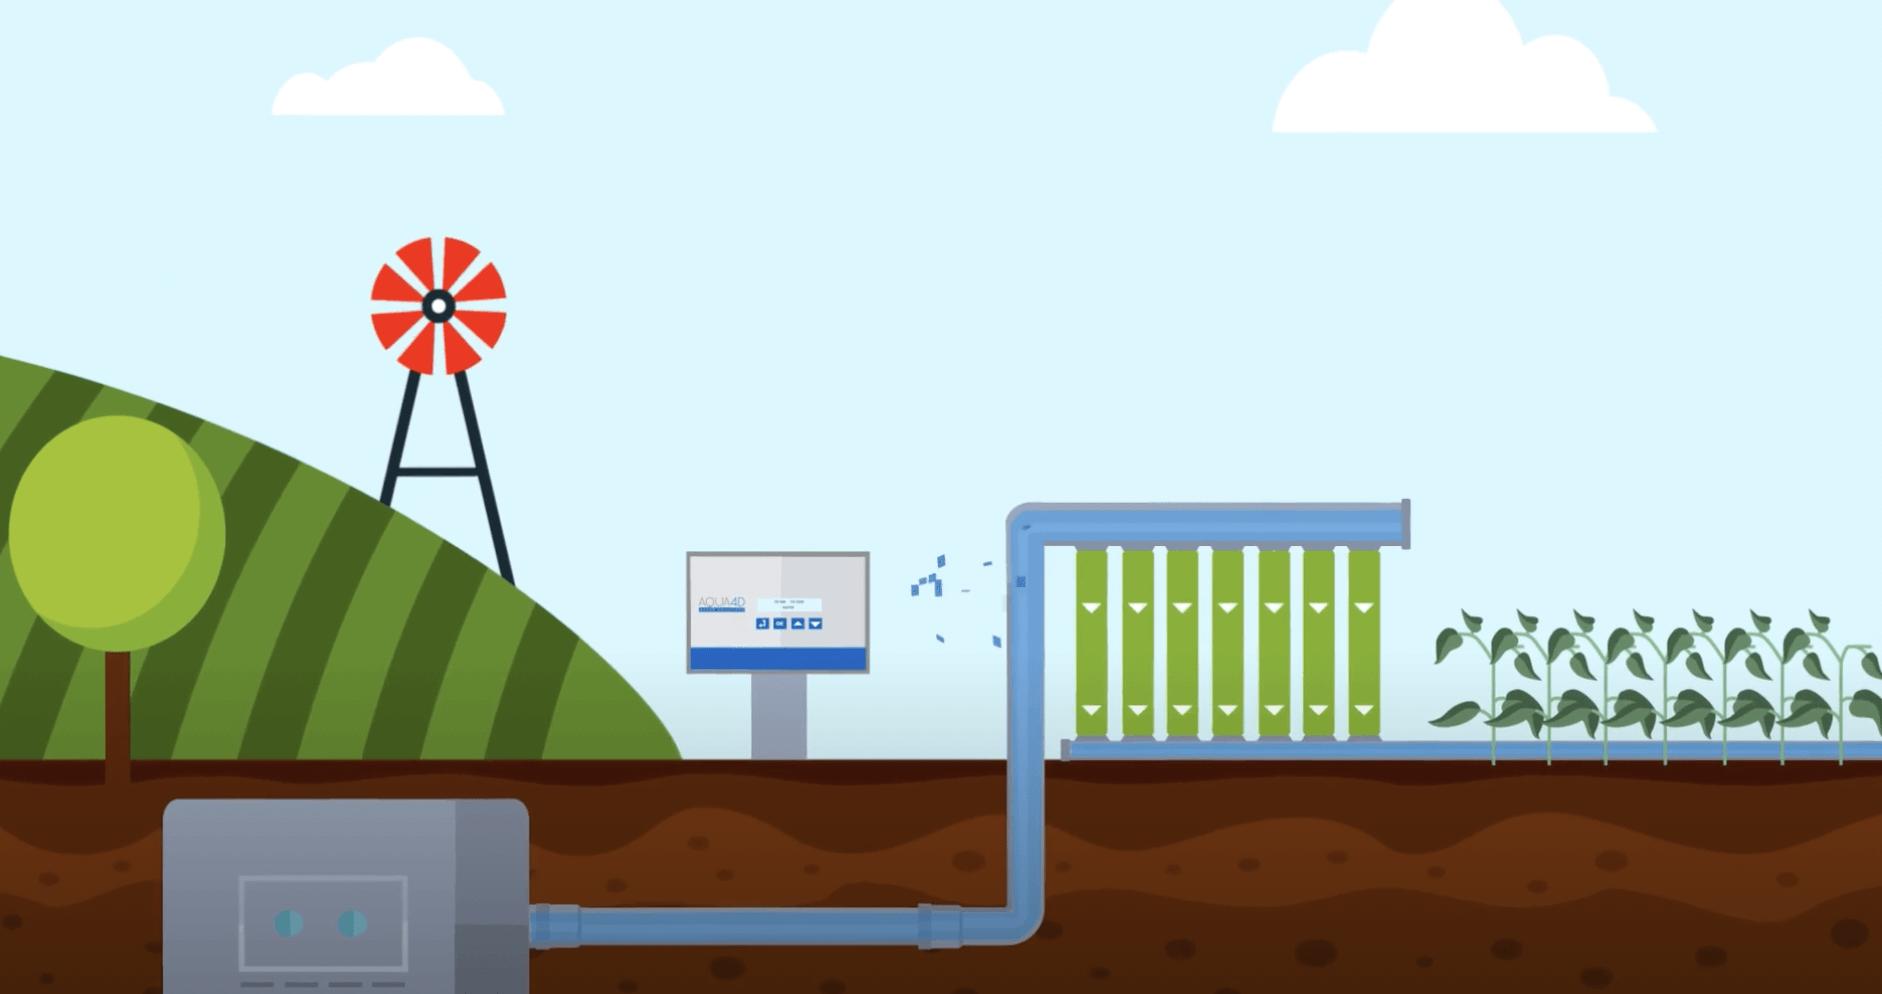 灌漑用水を効率的に利用するための水処理システムを開発する農業テクノロジー企業AQUA4D社について解説